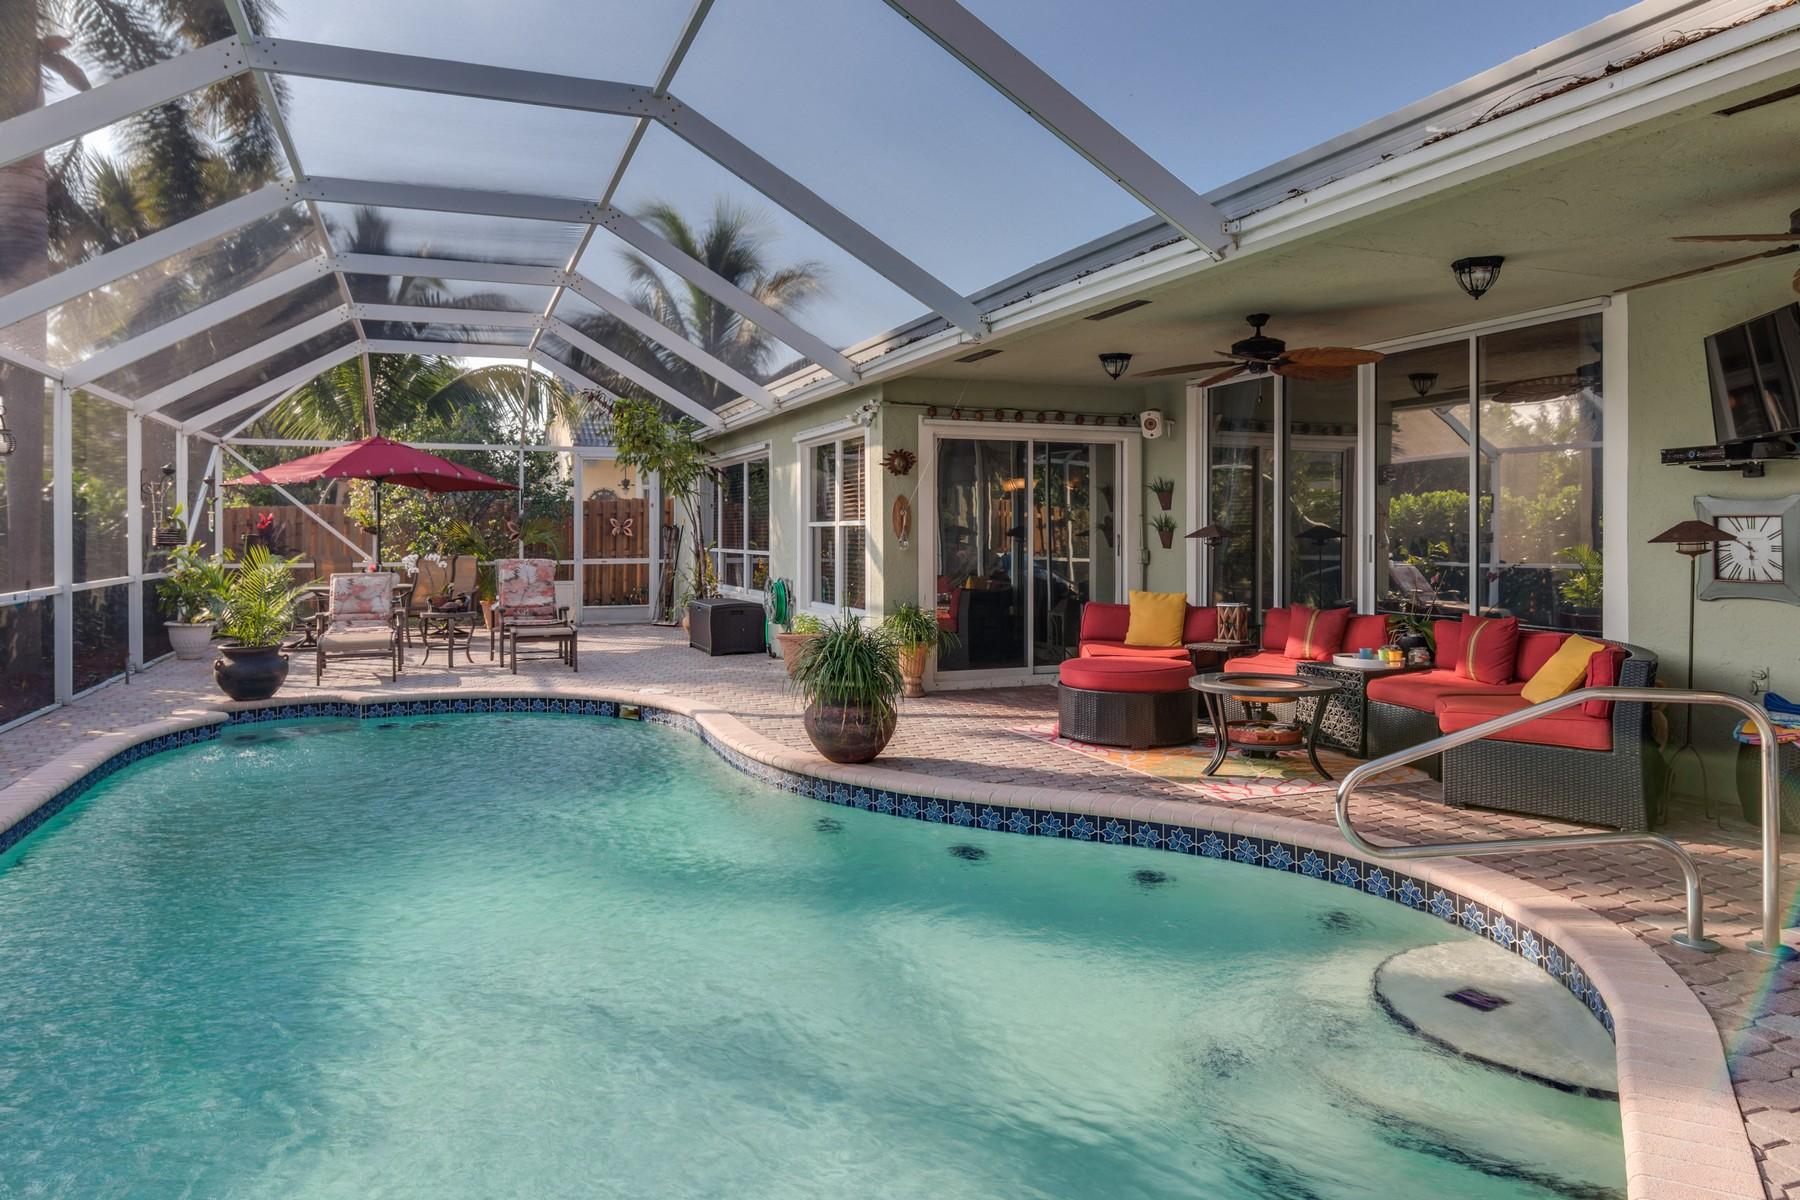 独户住宅 为 销售 在 10266 Allamanda Circle 棕榈滩花园, 佛罗里达州, 33410 美国